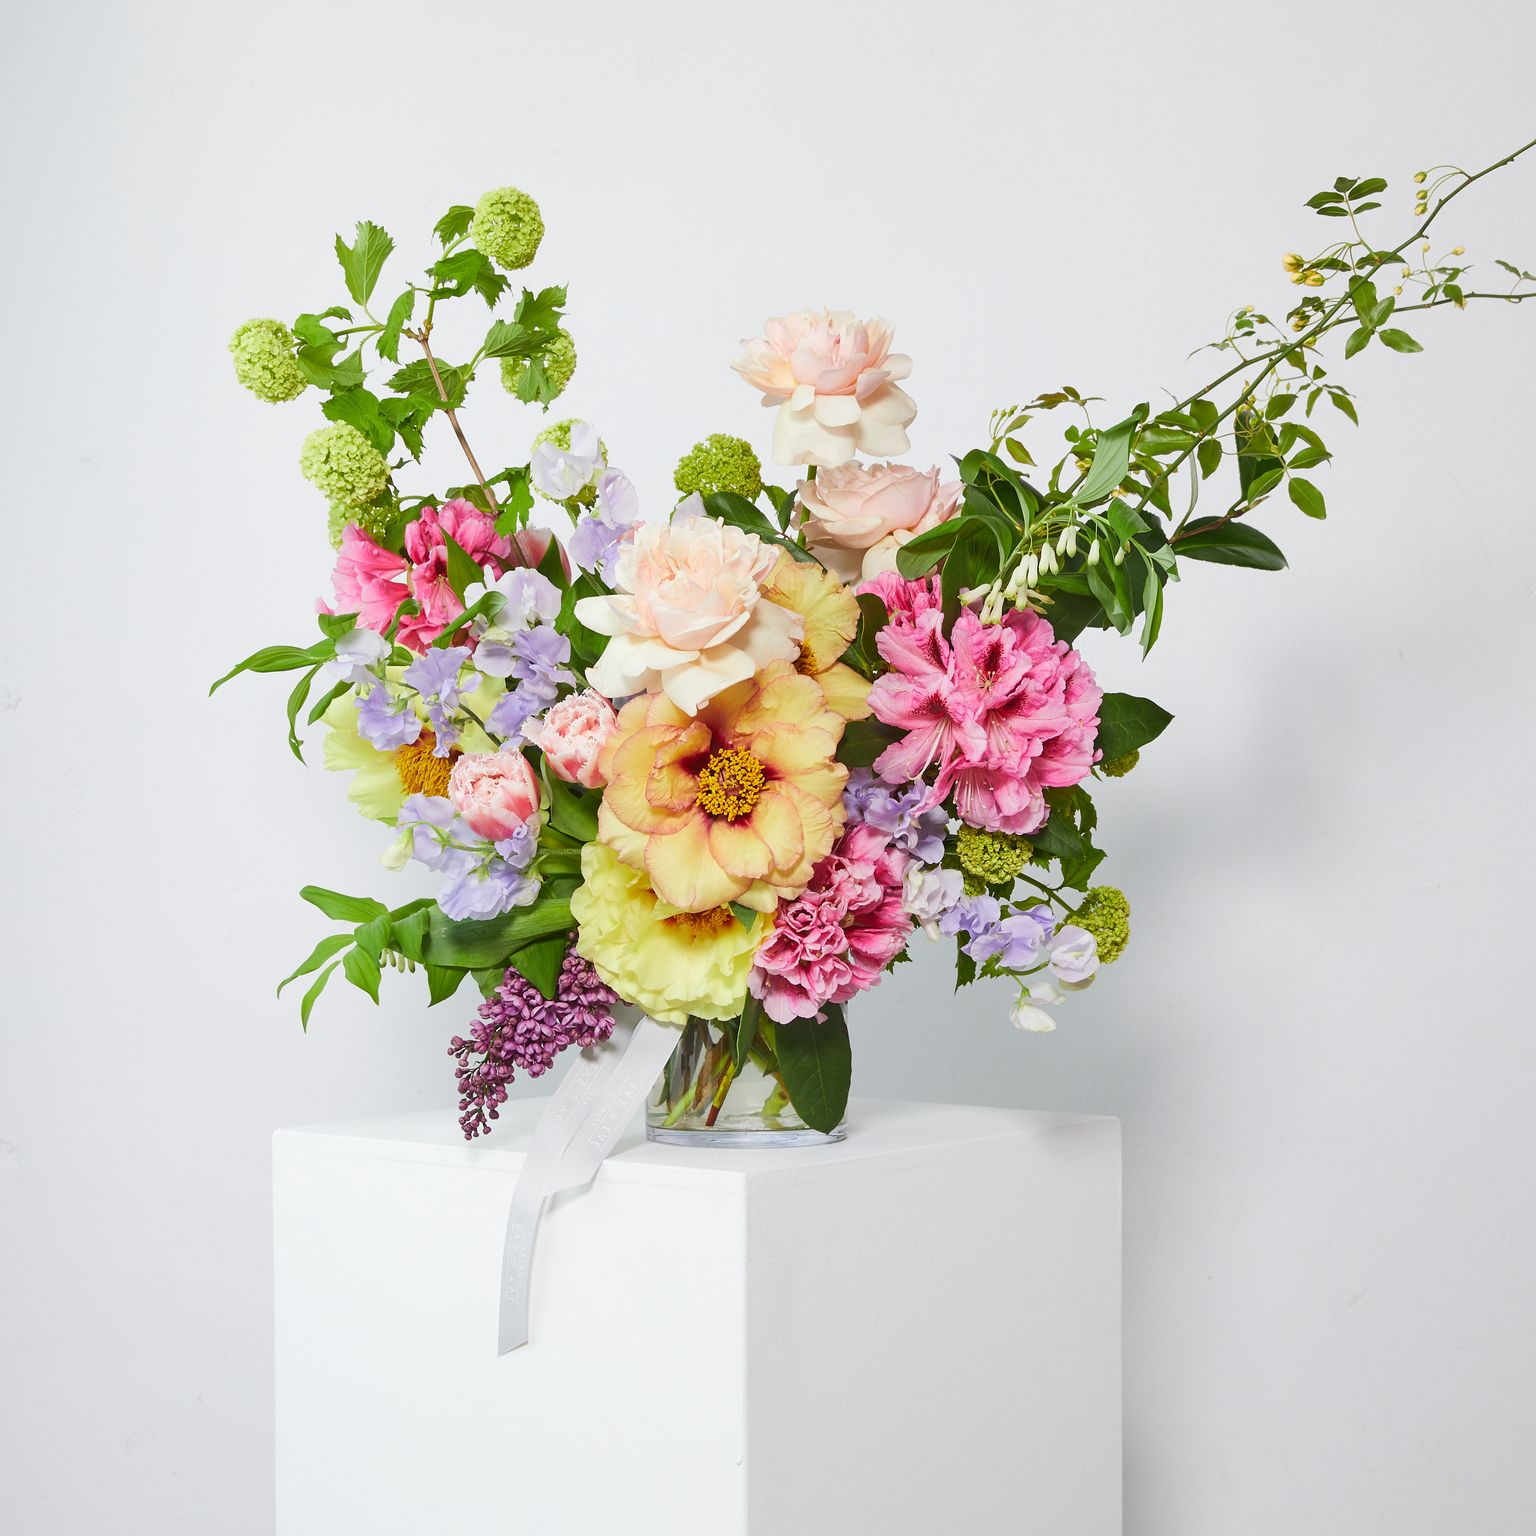 spring sorbet in vase